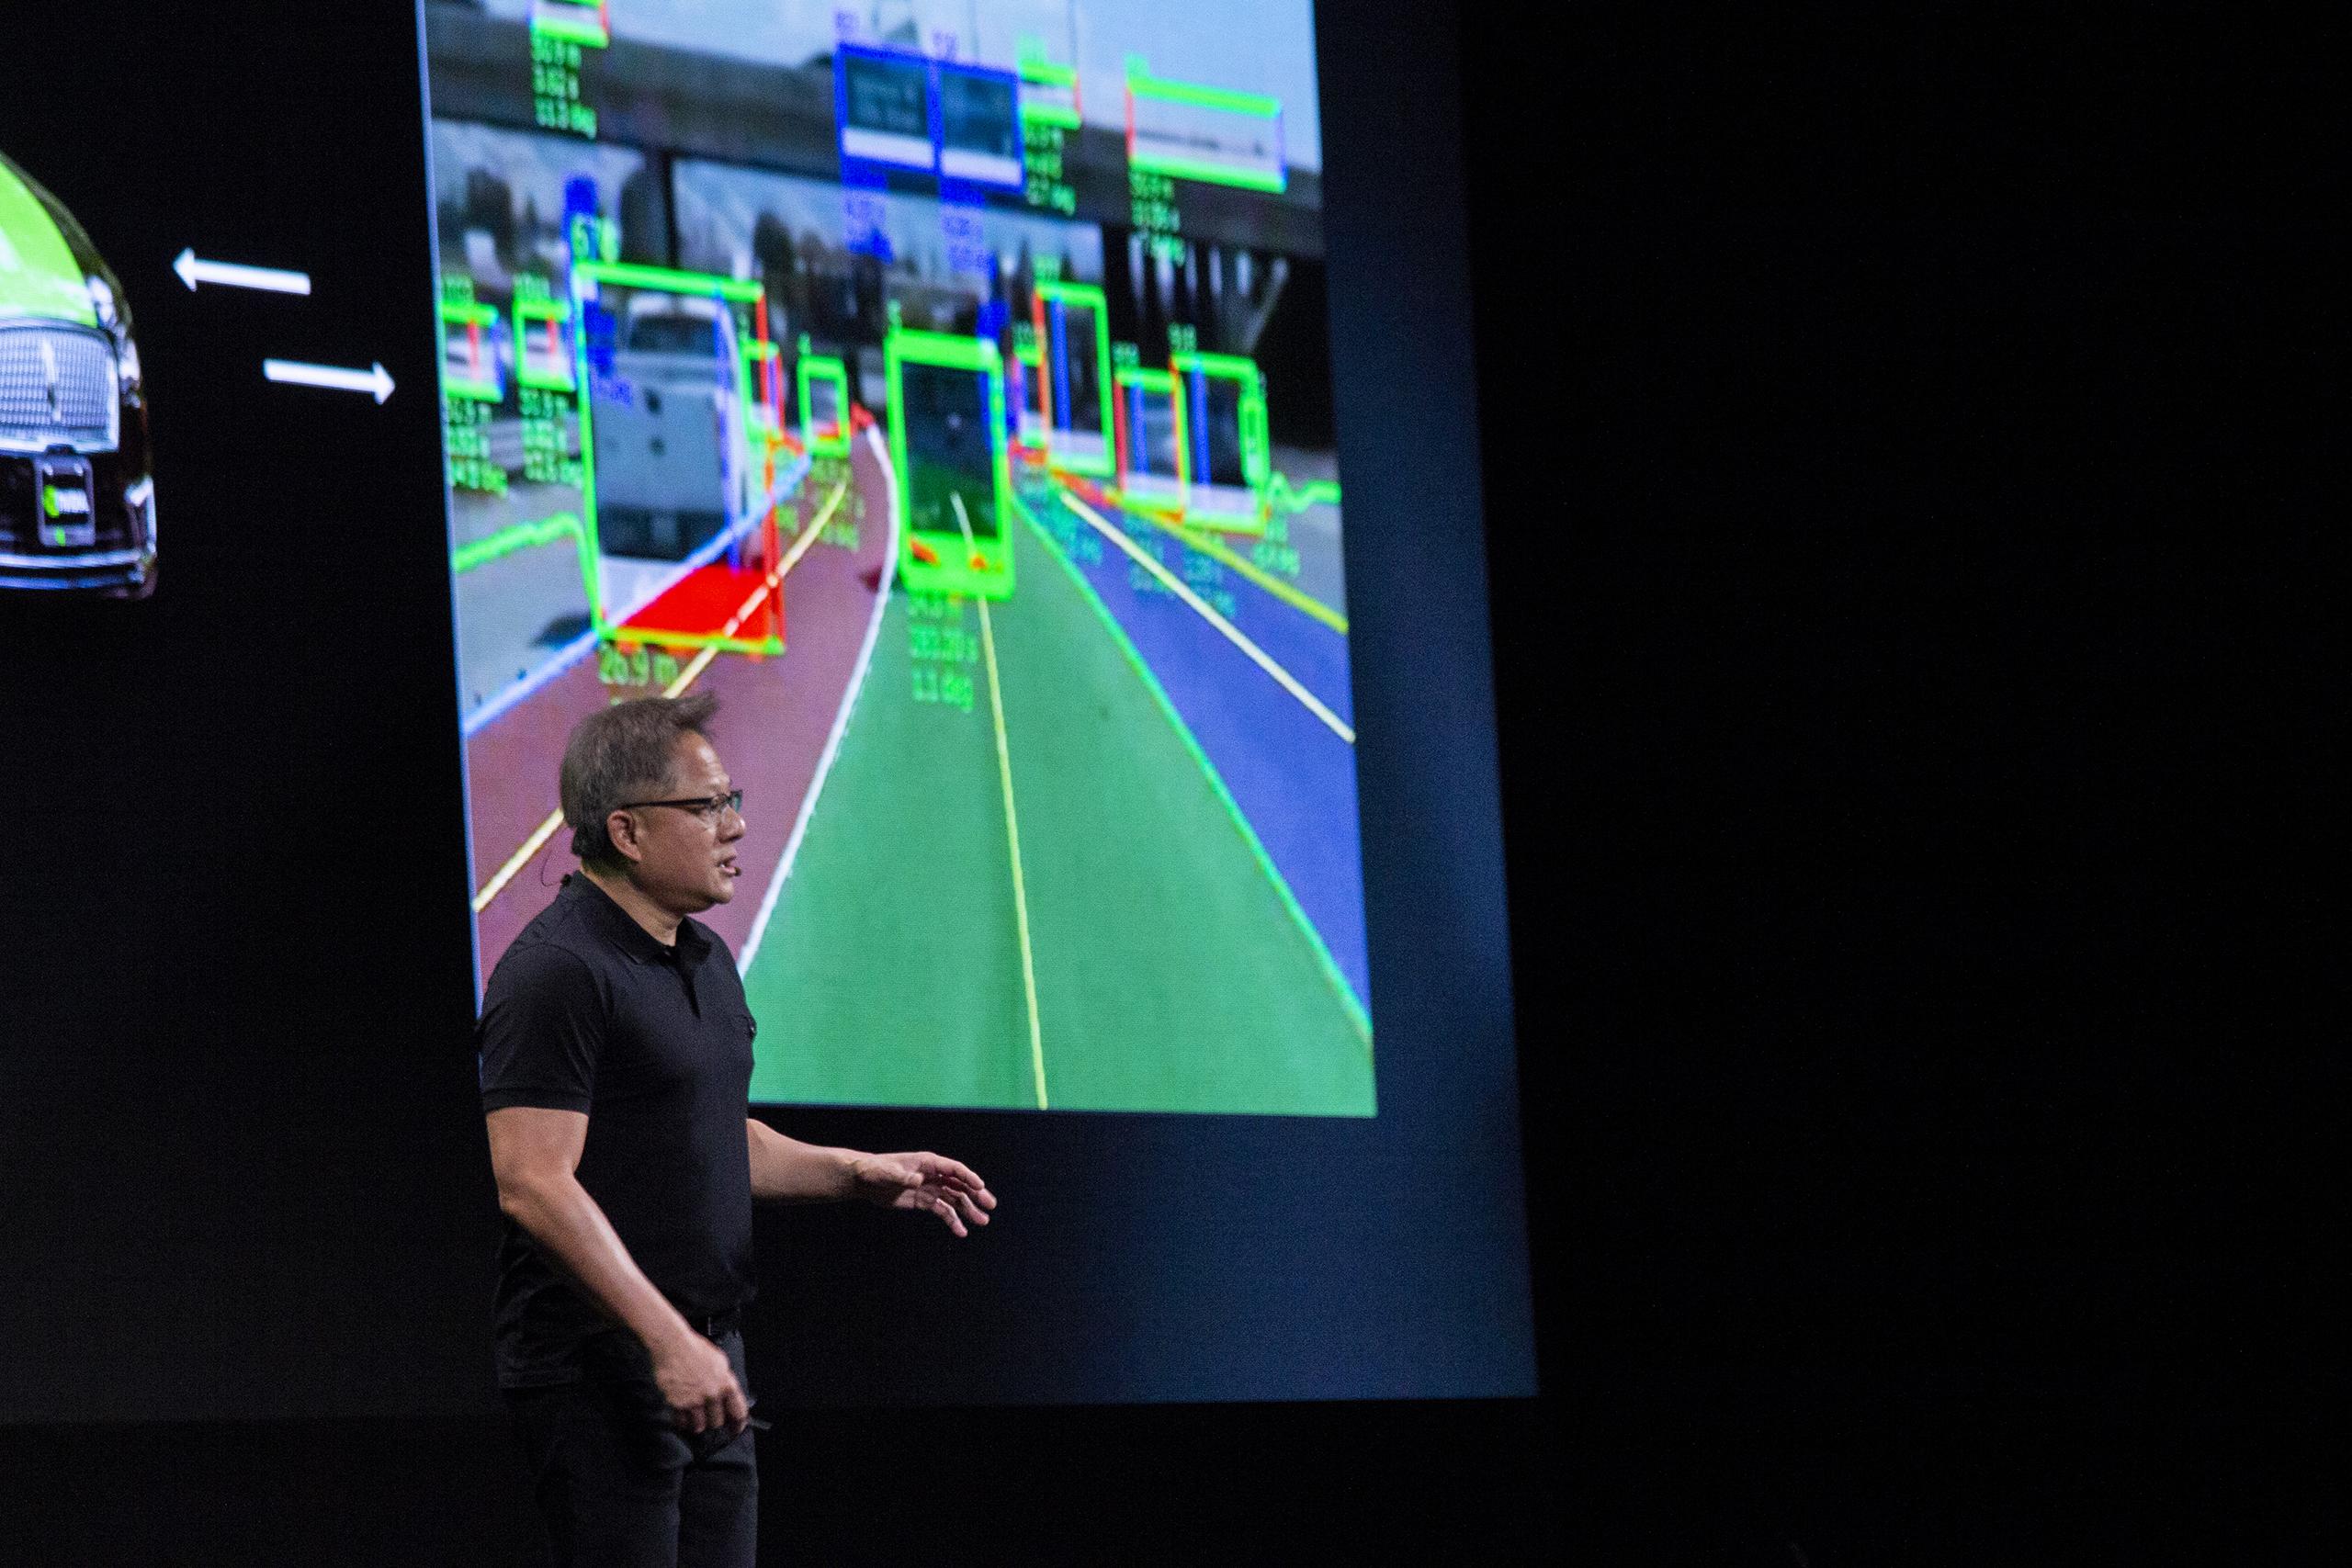 Autonome kjøresystemer må bestå virtuelle førerprøver